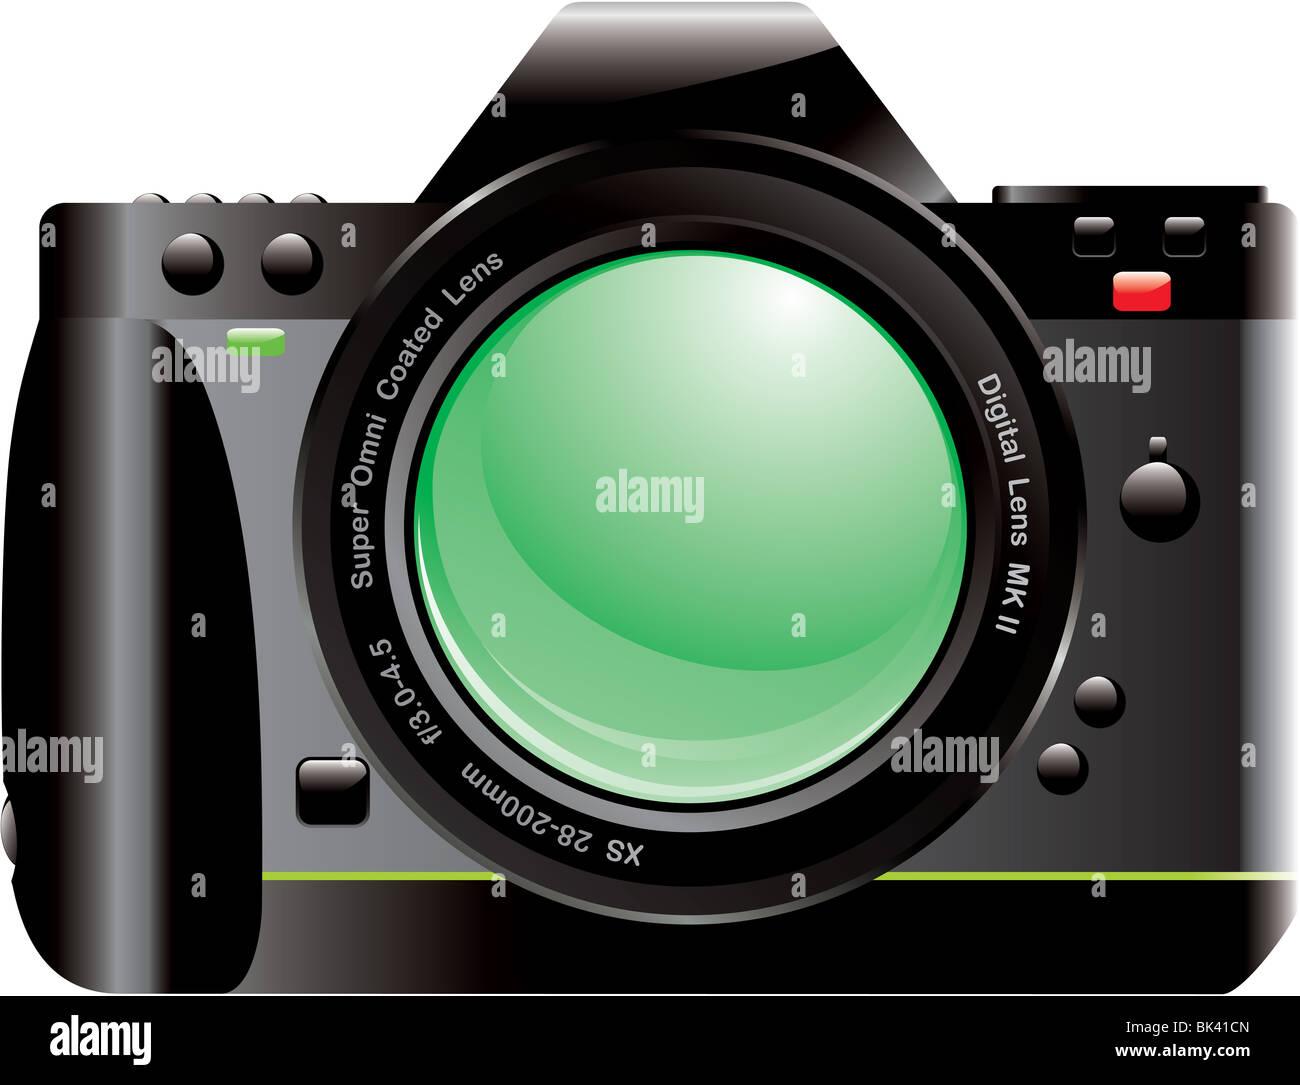 Disegno della fotocamera reflex digitale isolato su sfondo bianco Immagini Stock